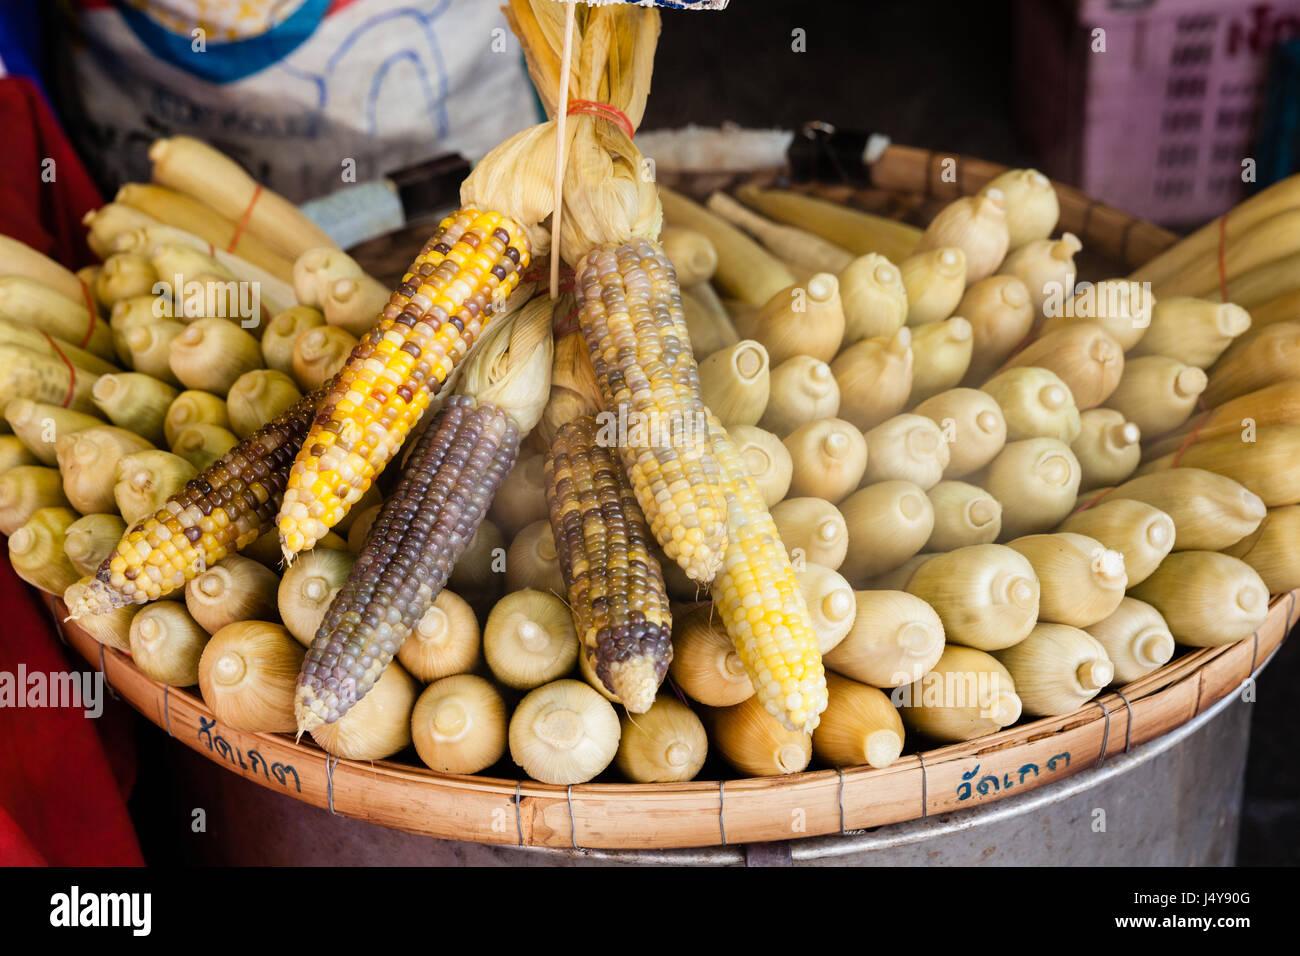 El maíz en el mercado para su venta. Chiang Mai, Tailandia. Imagen De Stock